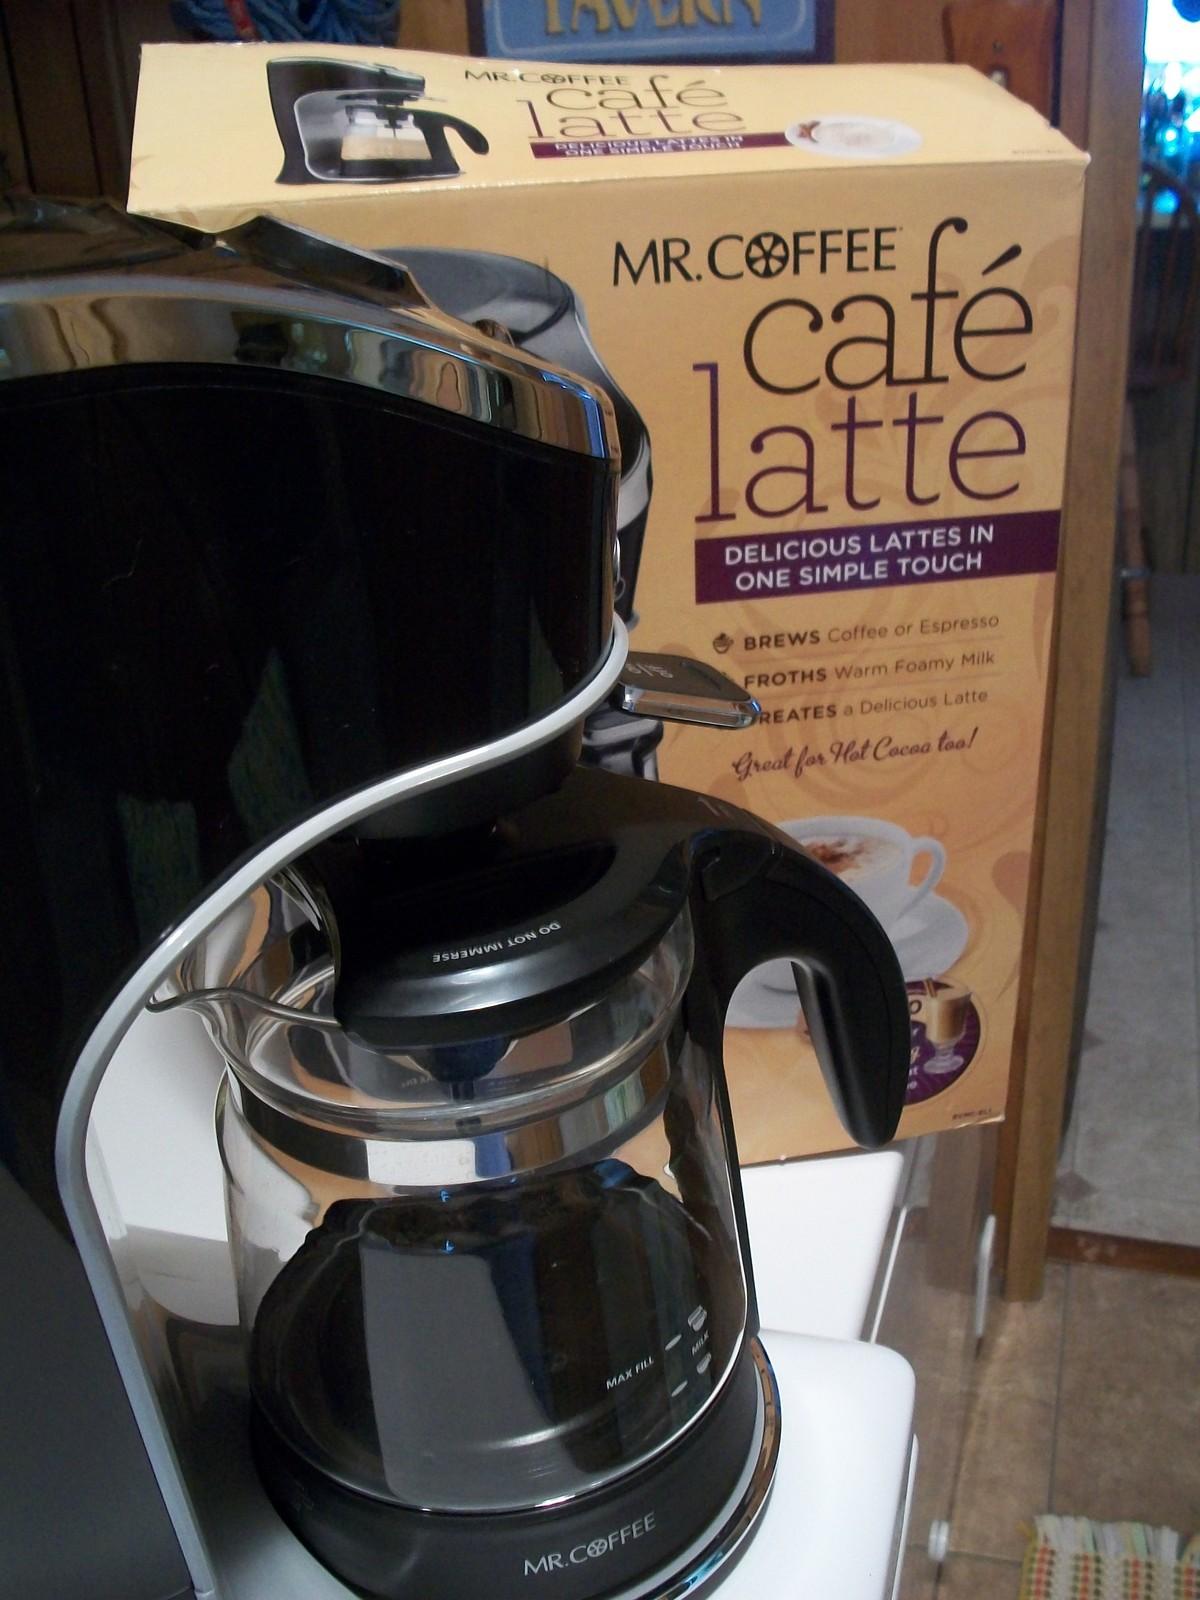 Mr. Coffee Café Latte Coffee and Expresso Machine - in original box